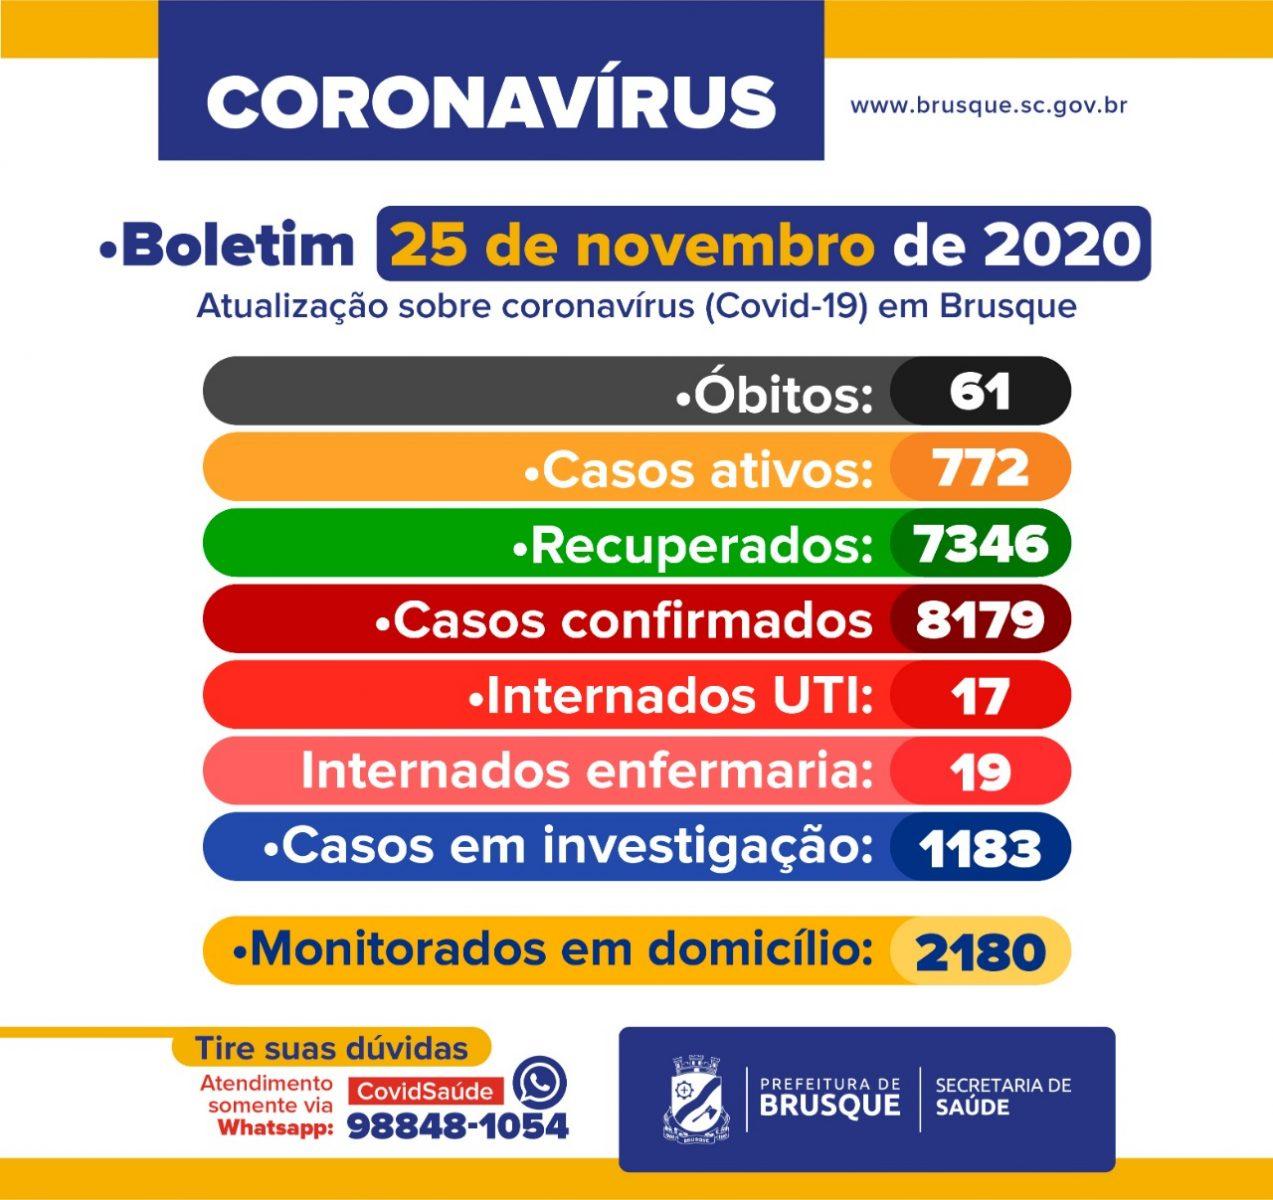 COVID-19: Boletim epidemiológico de 25 de novembro